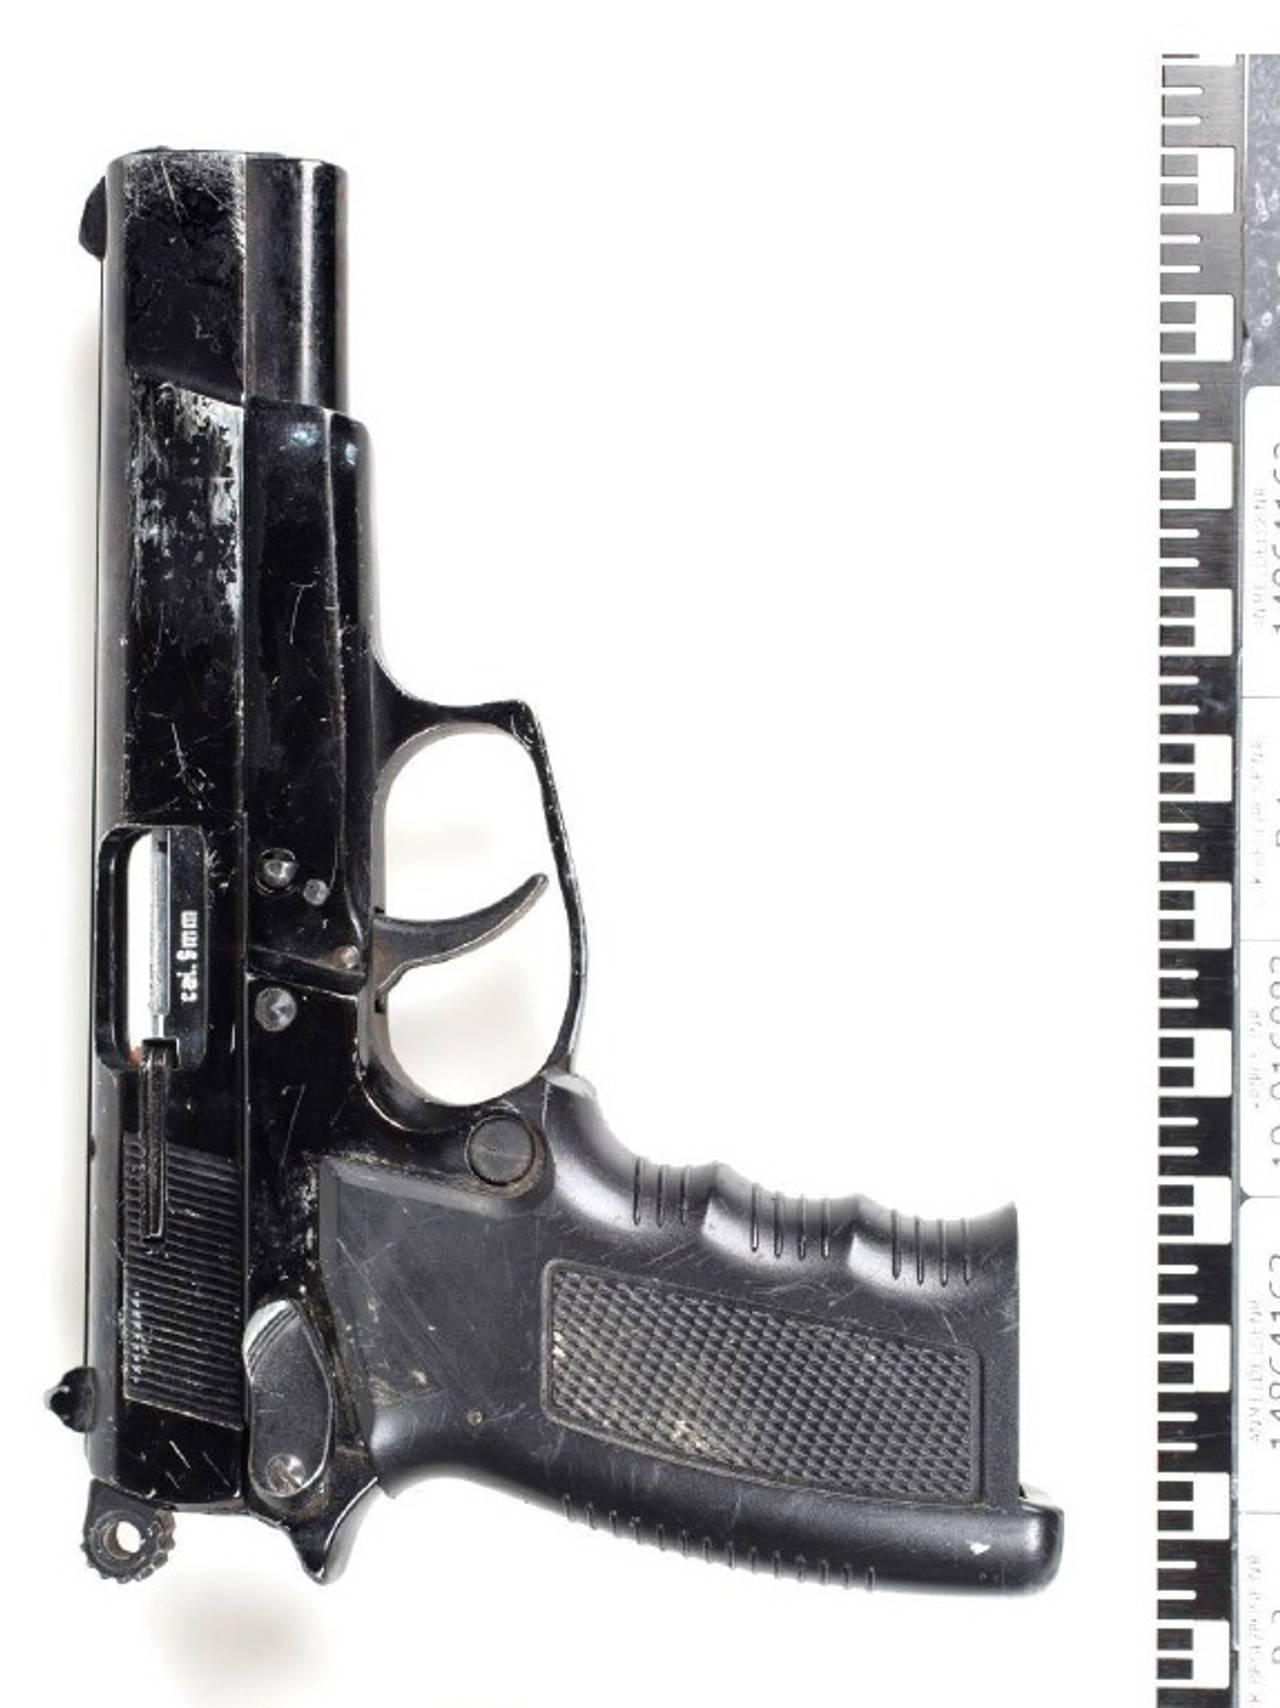 Våpenet som ble brukt under ranet av gullsmeden.